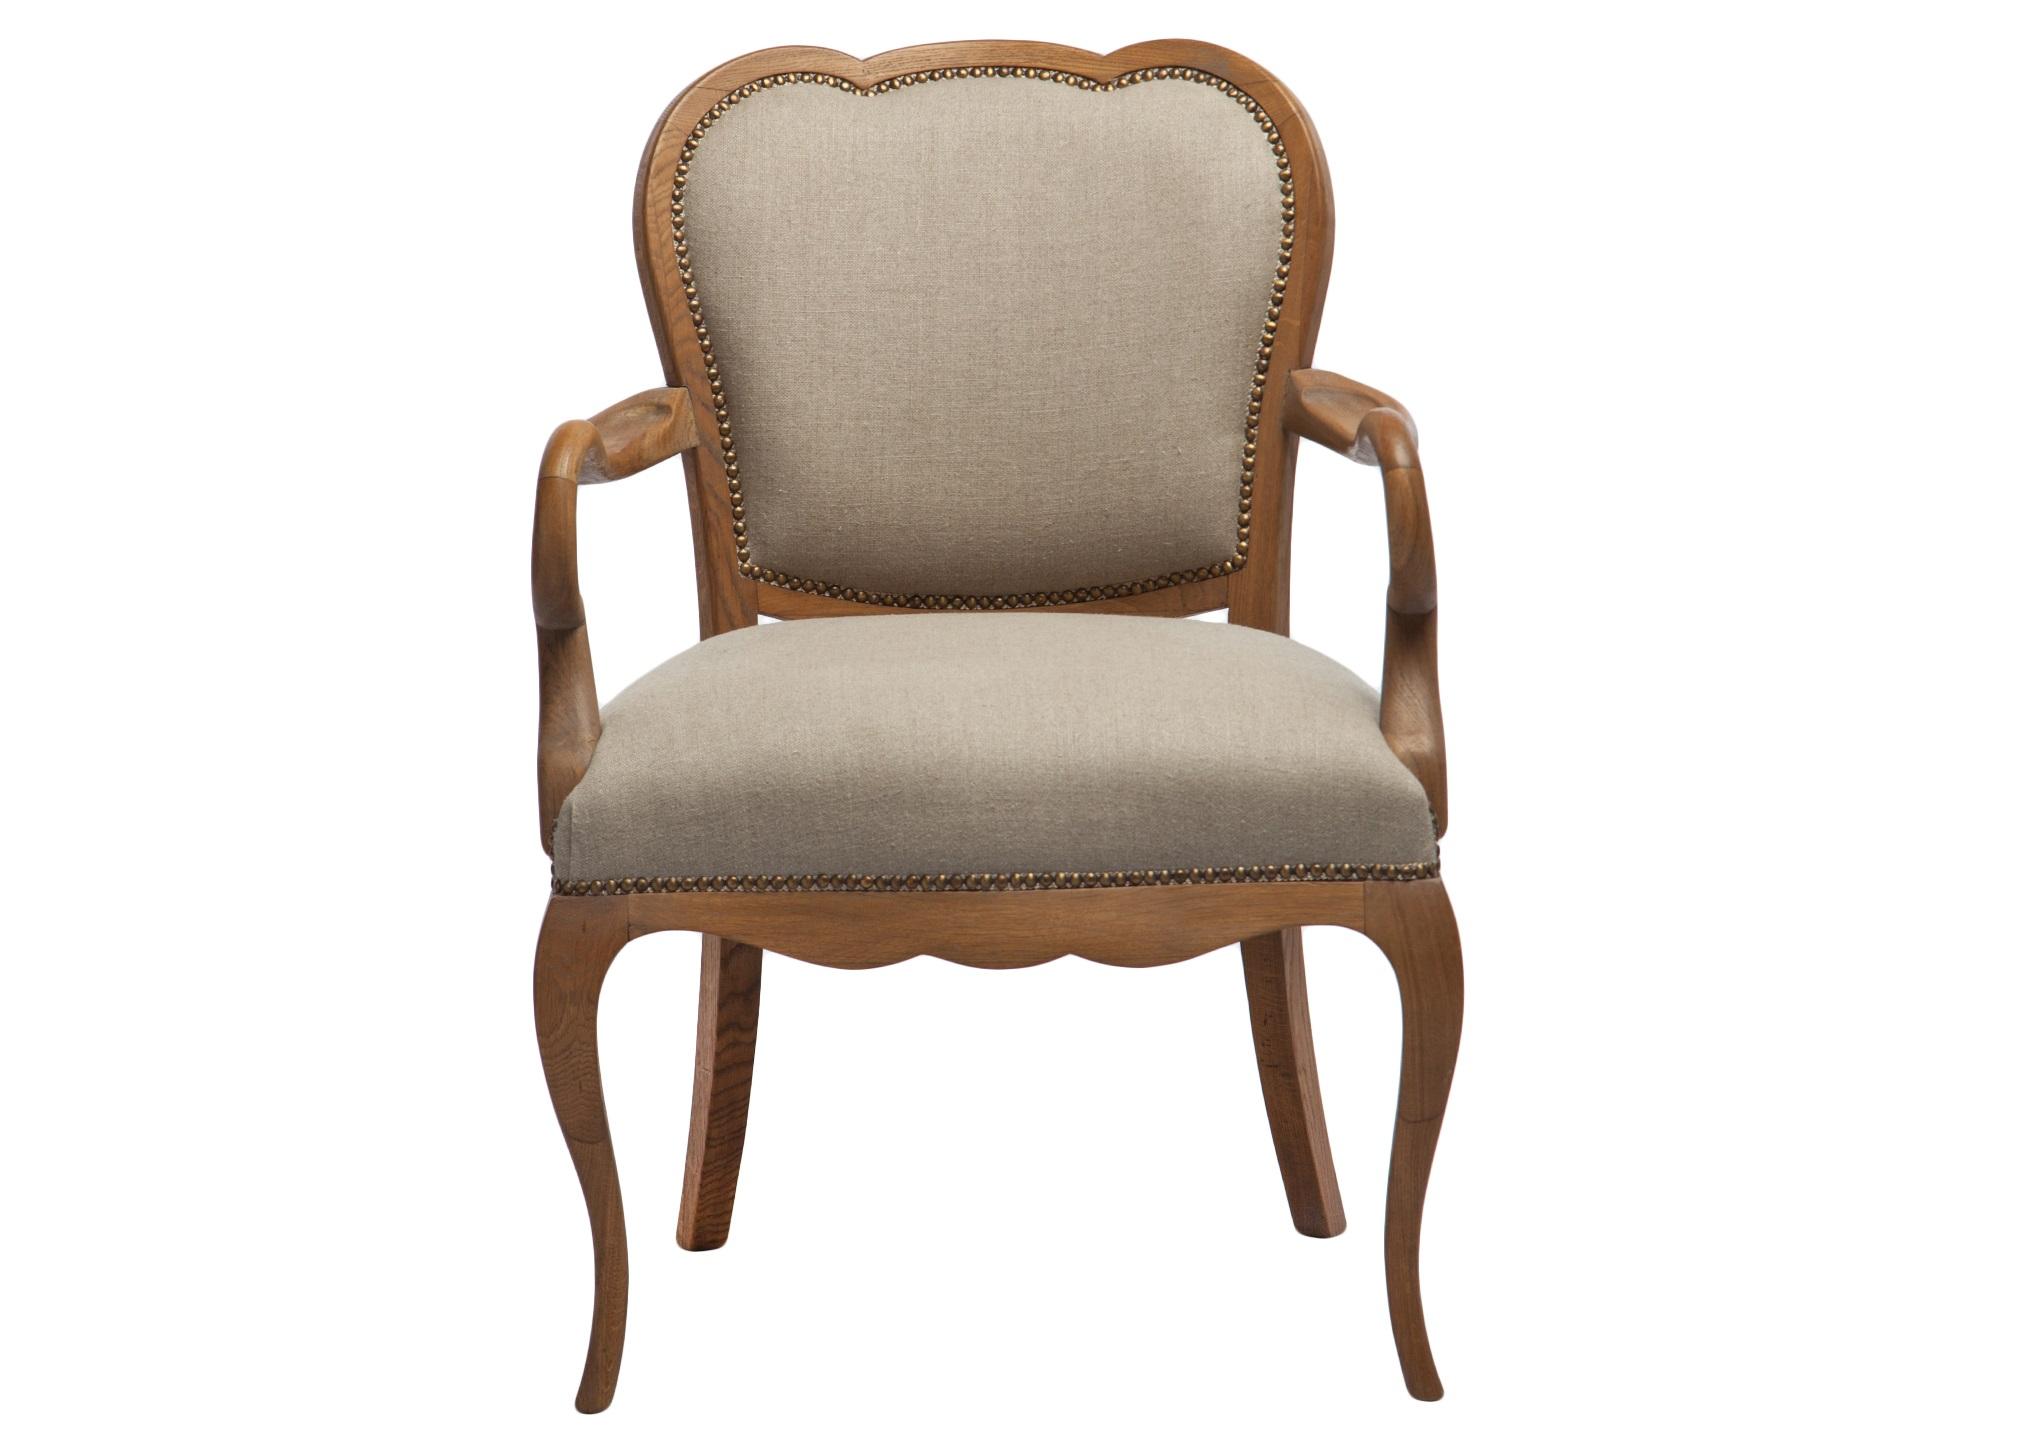 КреслоИнтерьерные кресла<br>Кресло из дуба в классическом стиле с однотонной обивкой.<br><br>Material: Текстиль<br>Width см: 64<br>Depth см: 54<br>Height см: 93